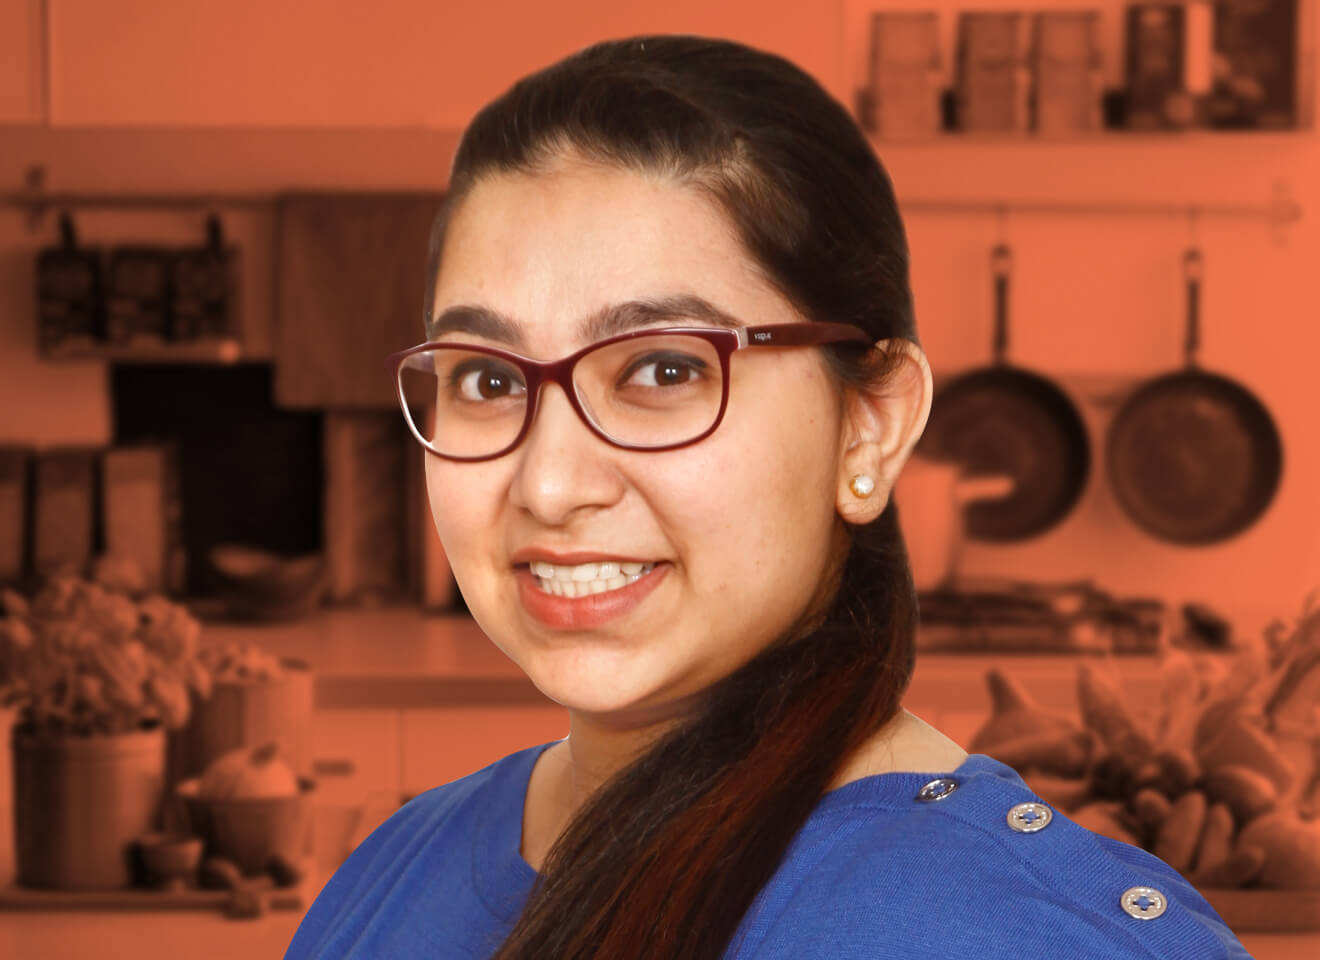 Manveen Kaur